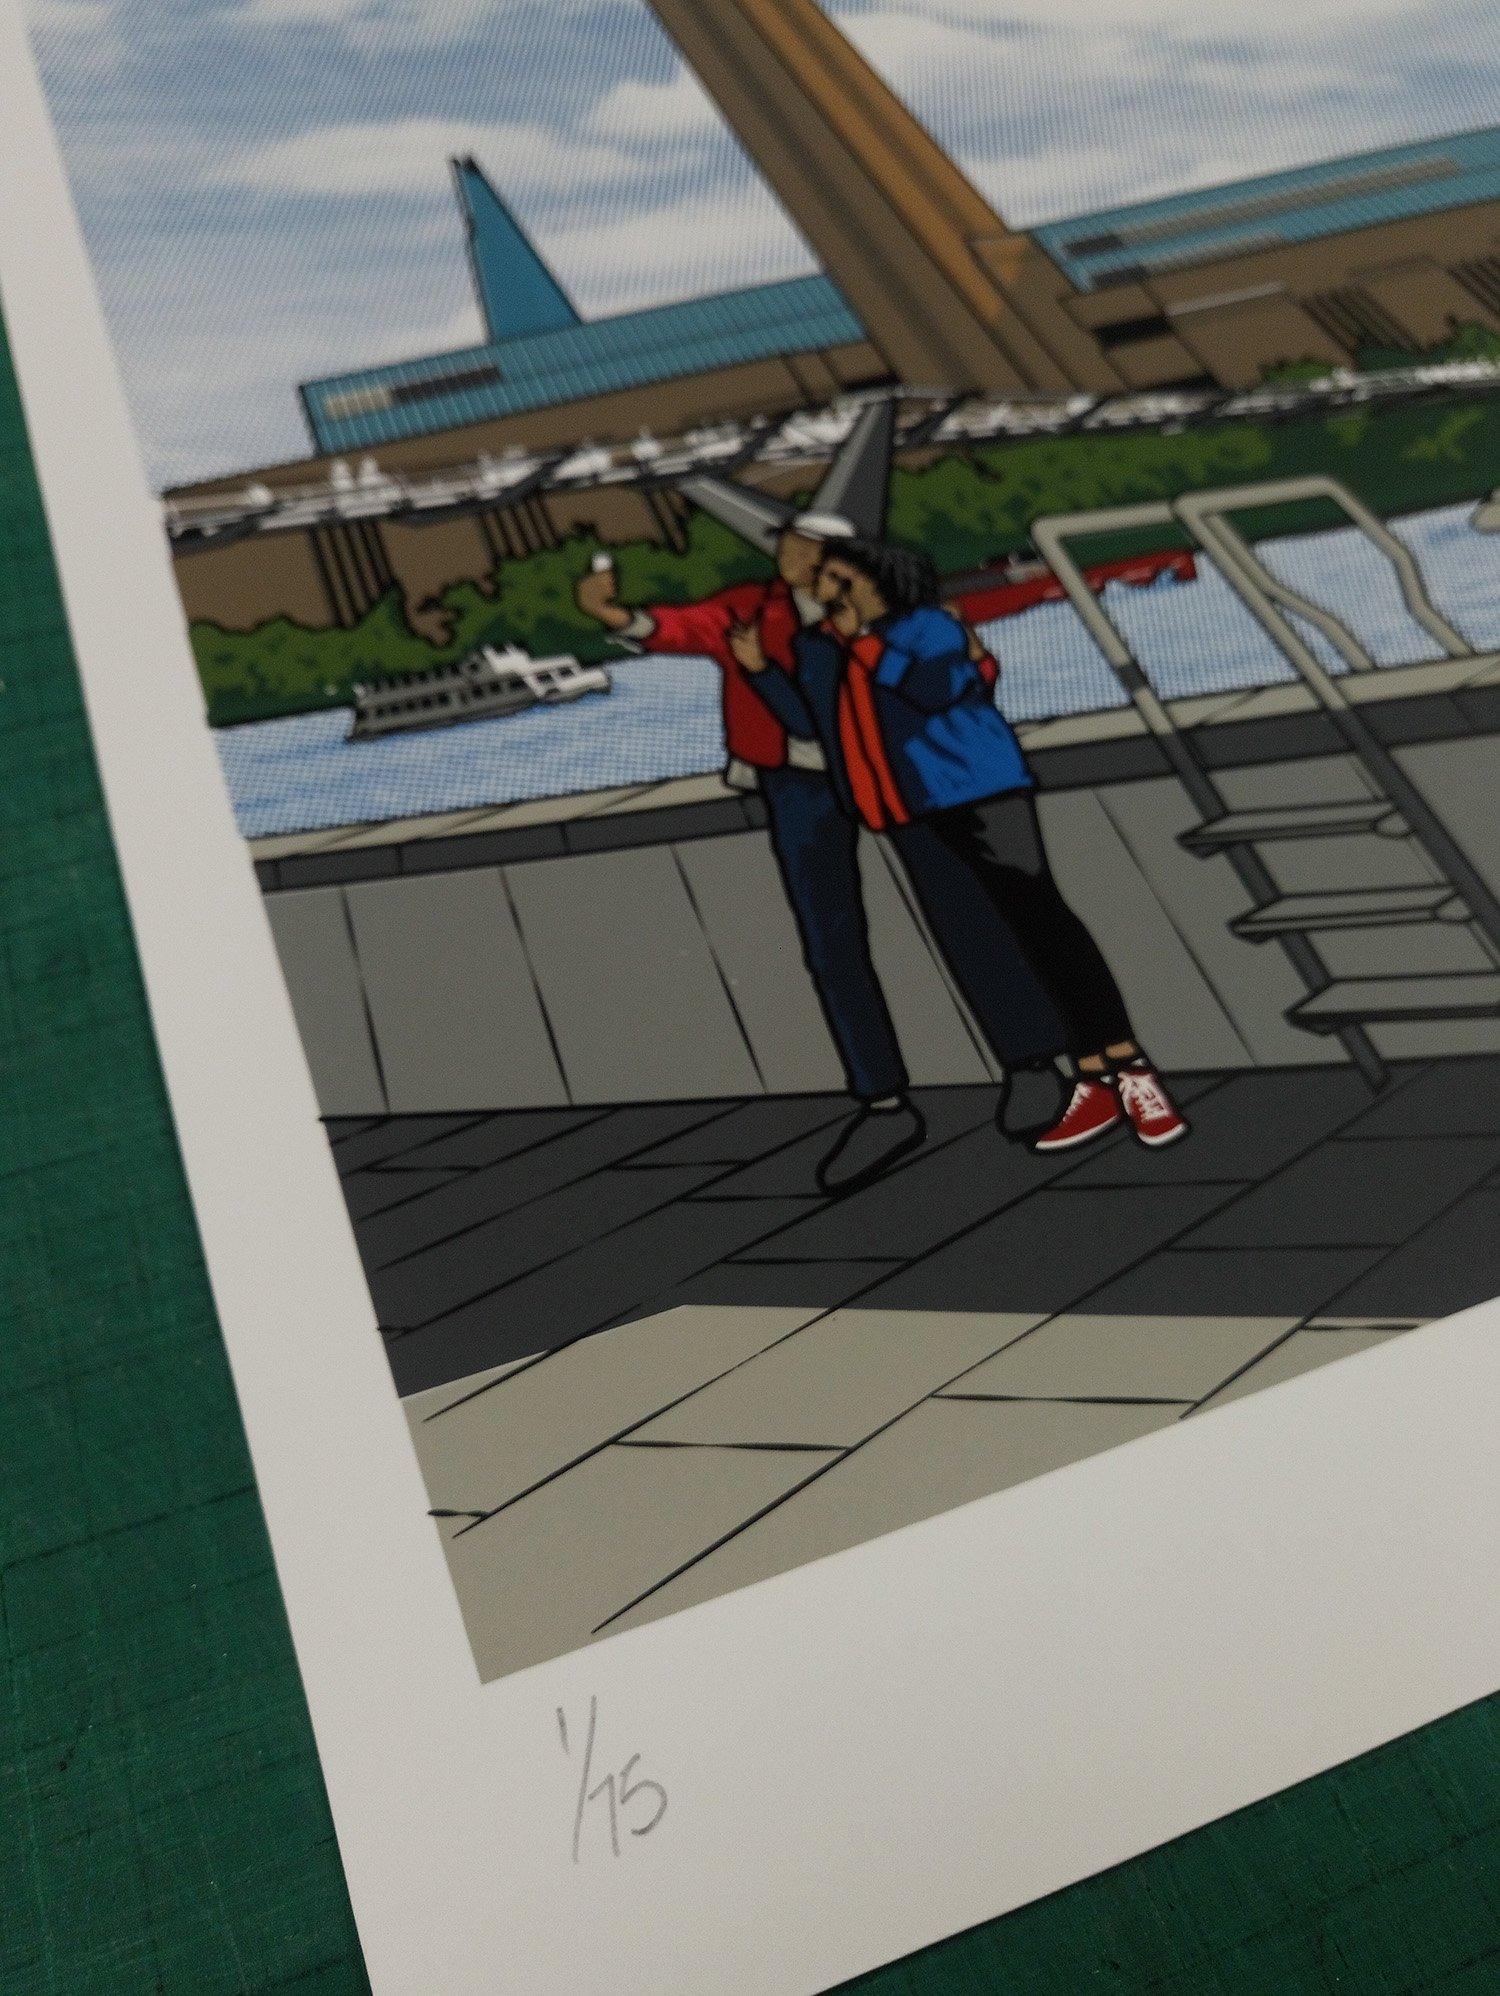 Image of Tate Modern